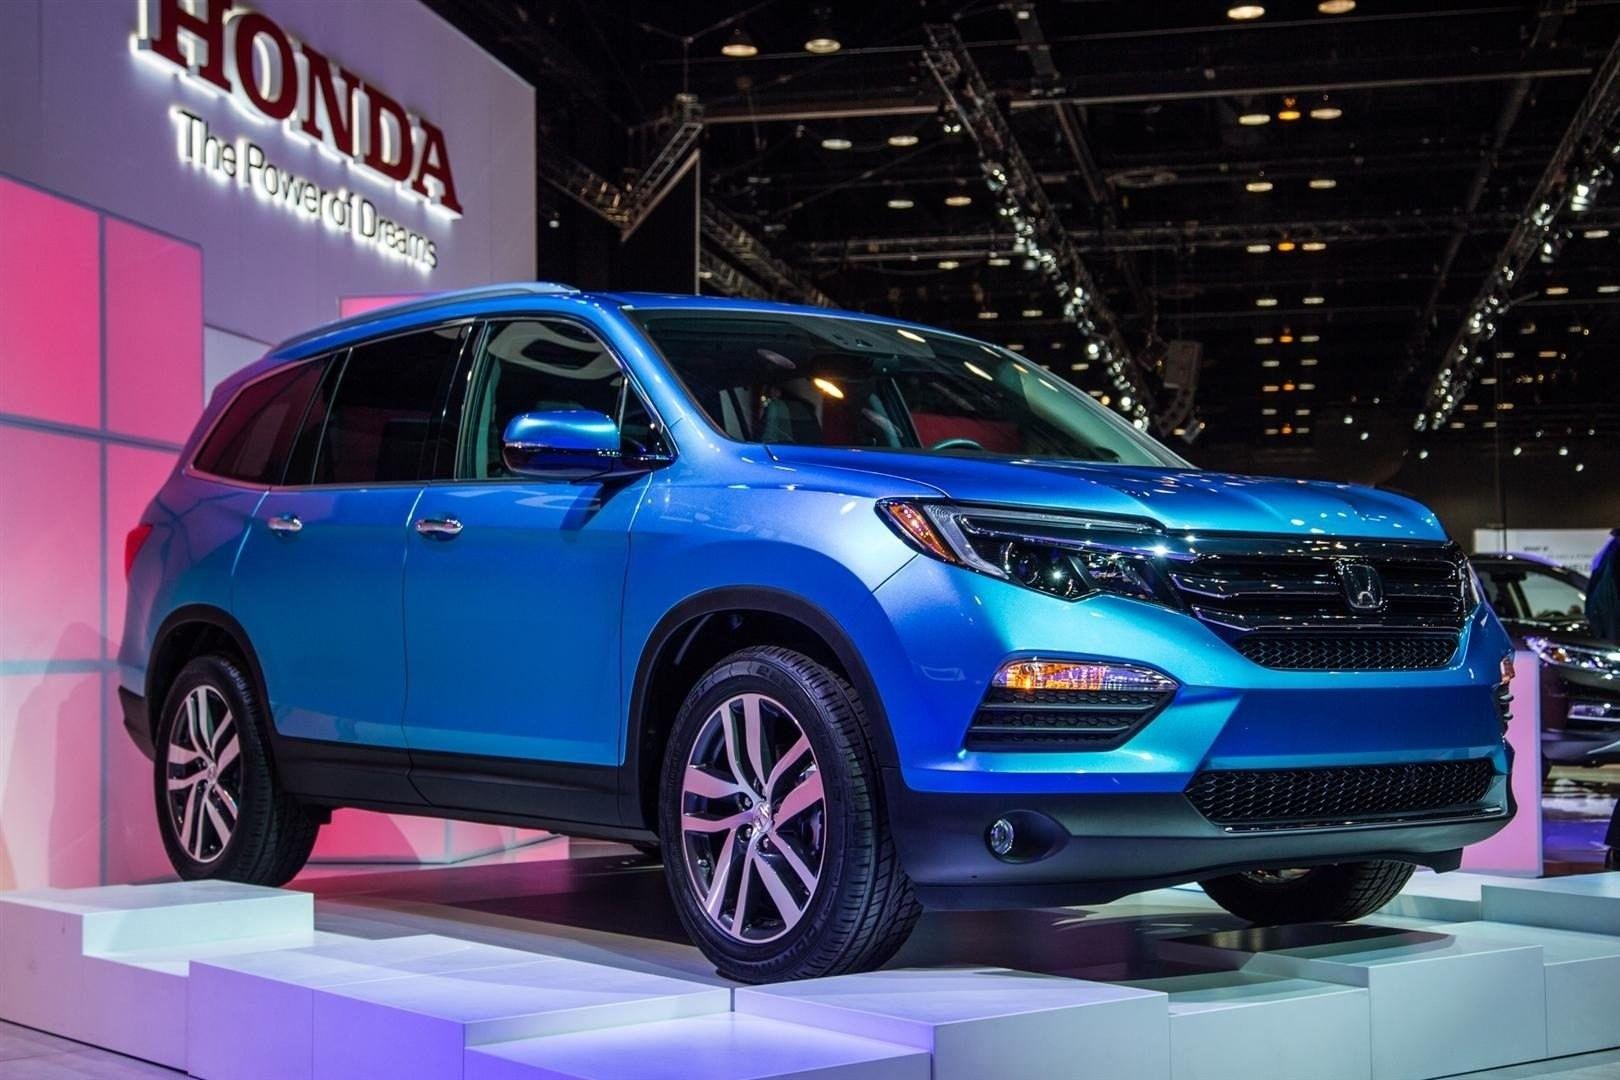 New 2020 Honda Pilot Price and Release date (Dengan gambar)